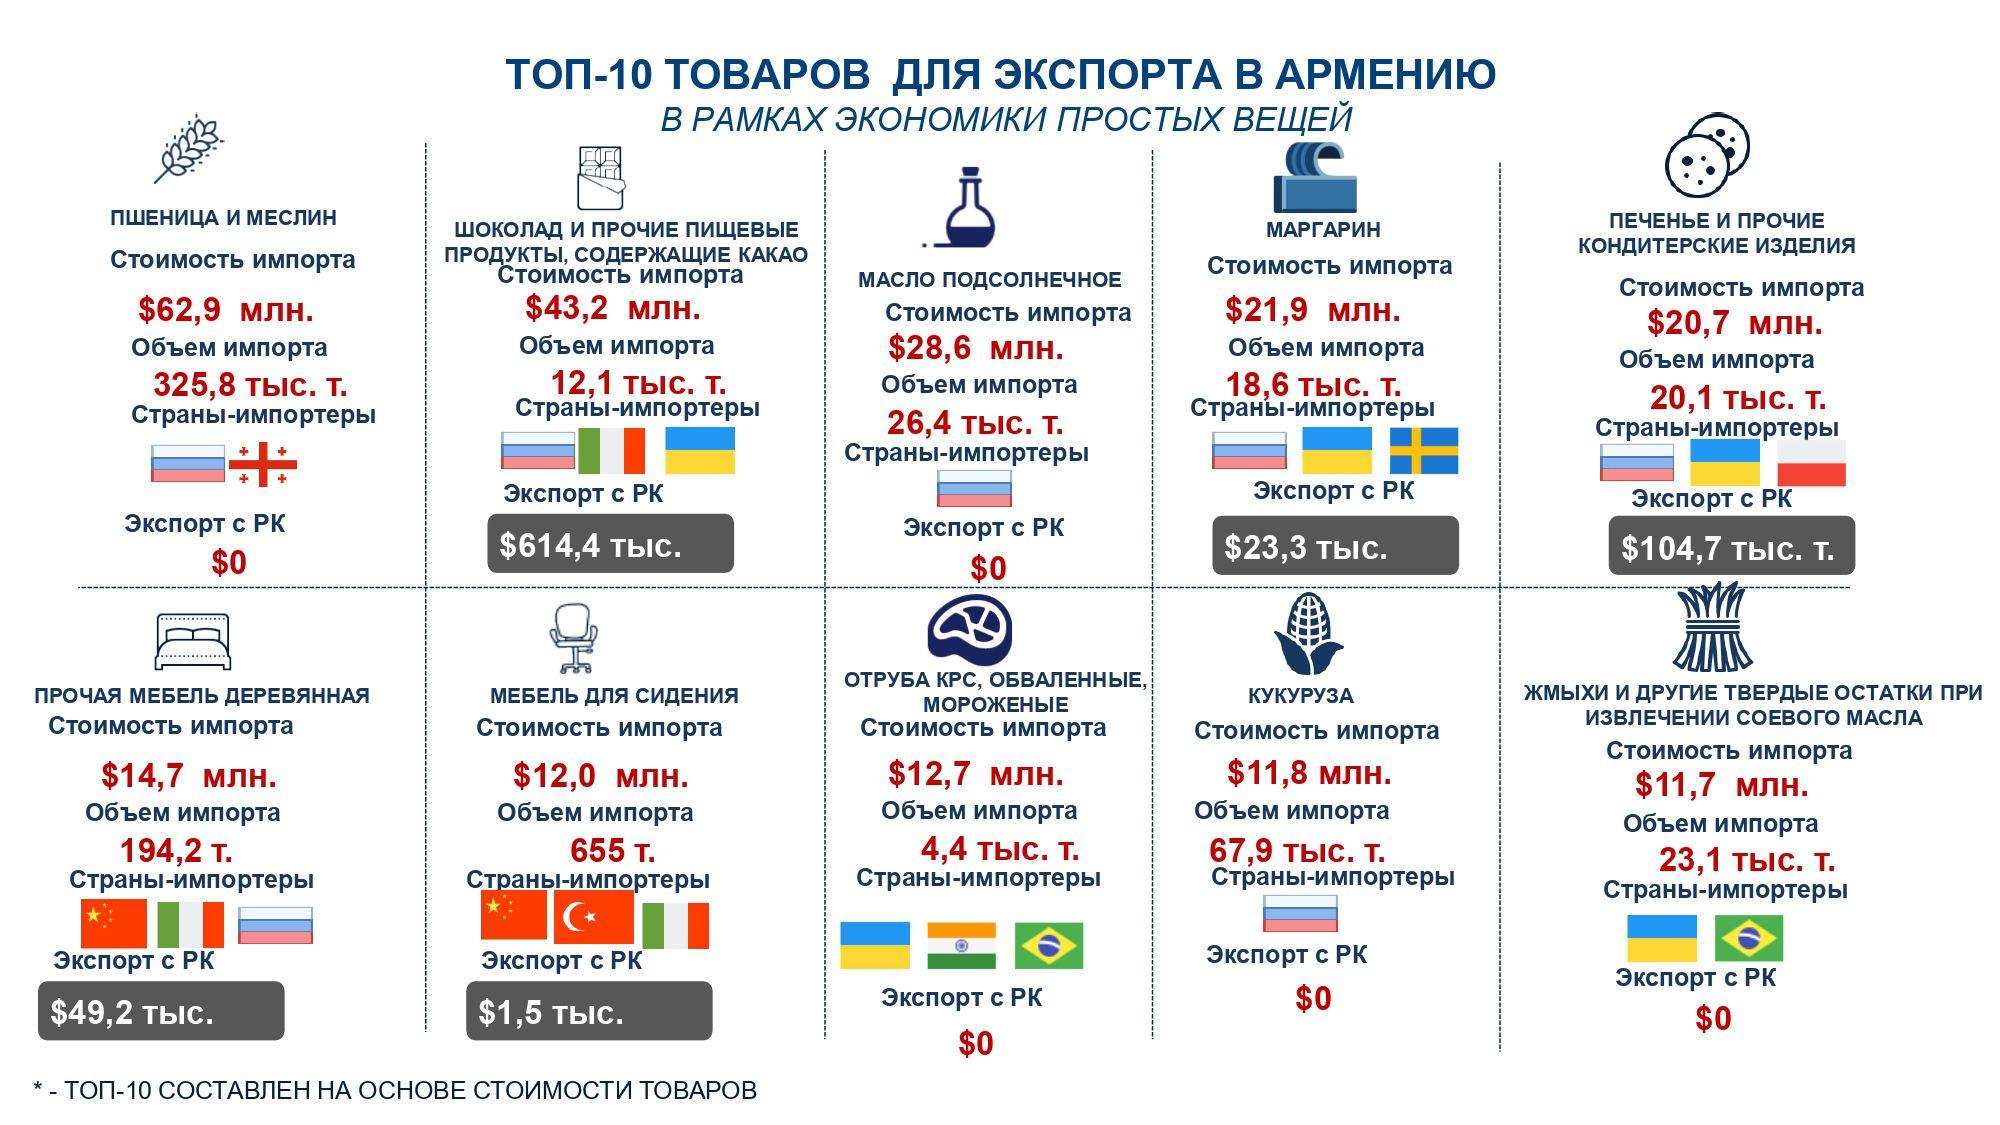 Остались ли в Алматы пустующие ниши для бизнеса? 173125 - Kapital.kz